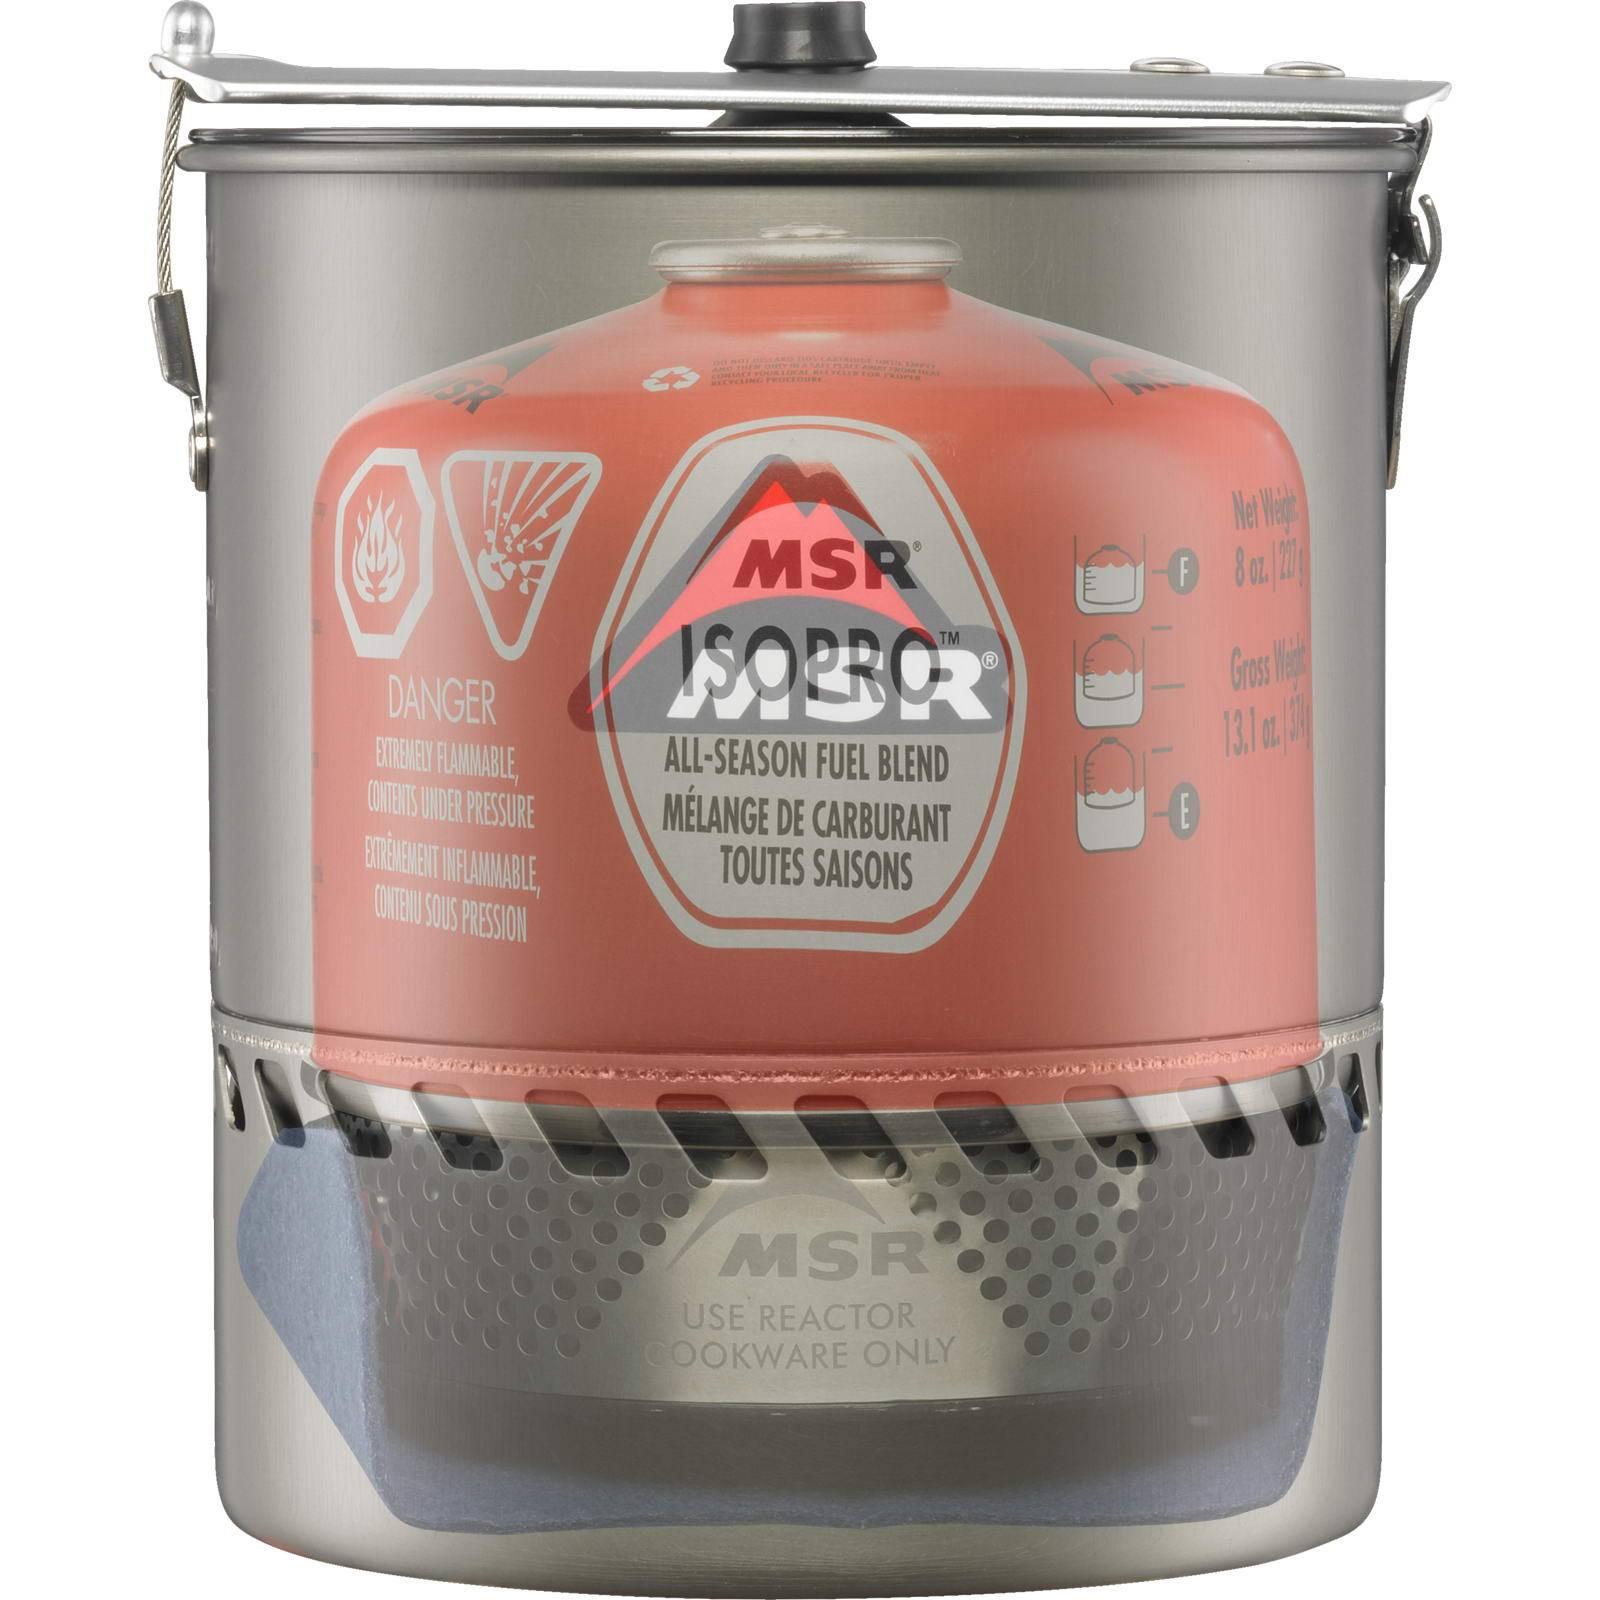 MSR Reactor® 1.7L Stove System - Kochersystem - Bild 4